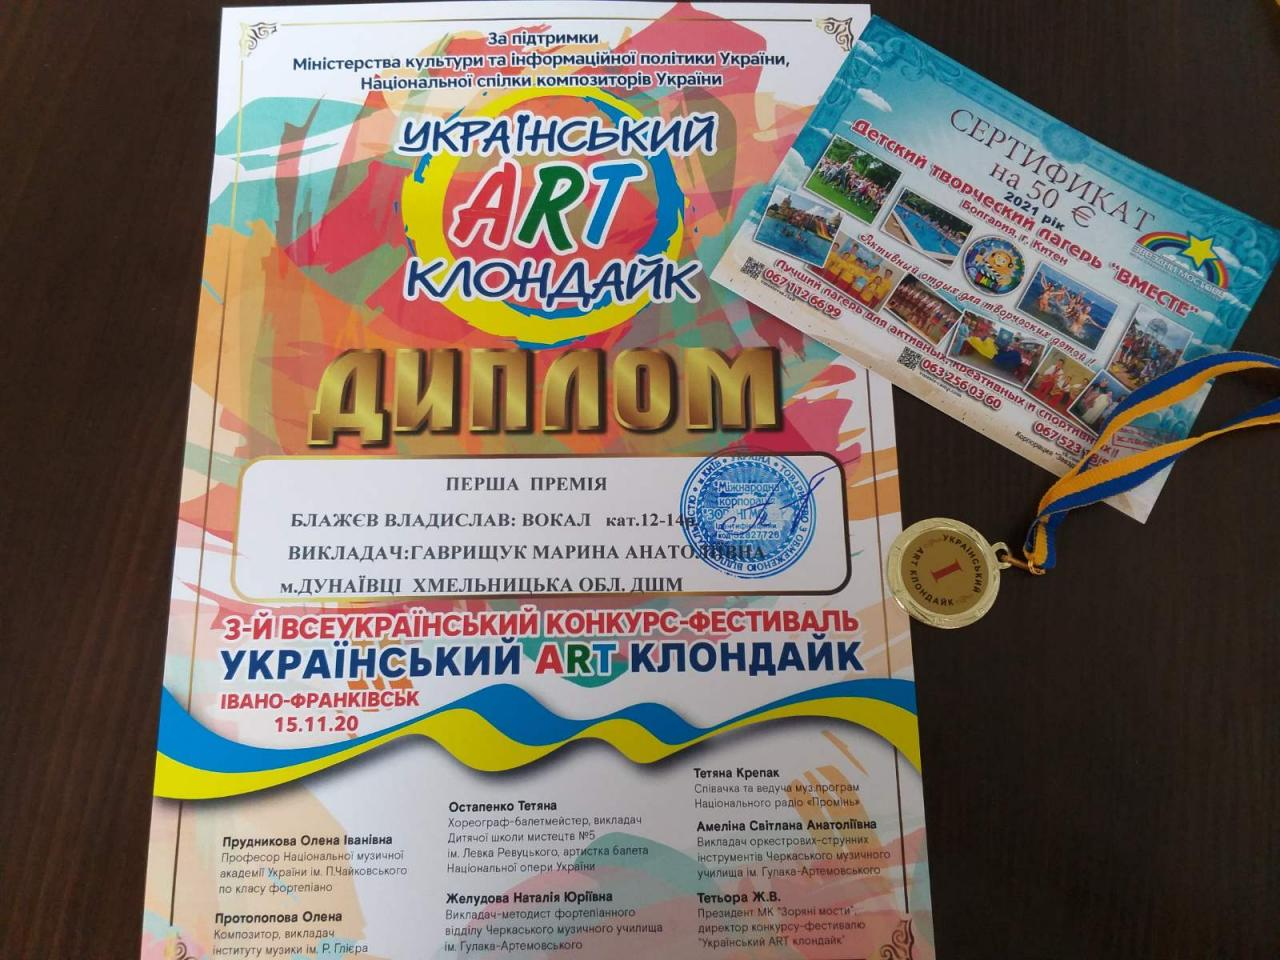 http://dunrada.gov.ua/uploadfile/archive_news/2020/11/24/2020-11-24_7837/images/images-98116.jpg